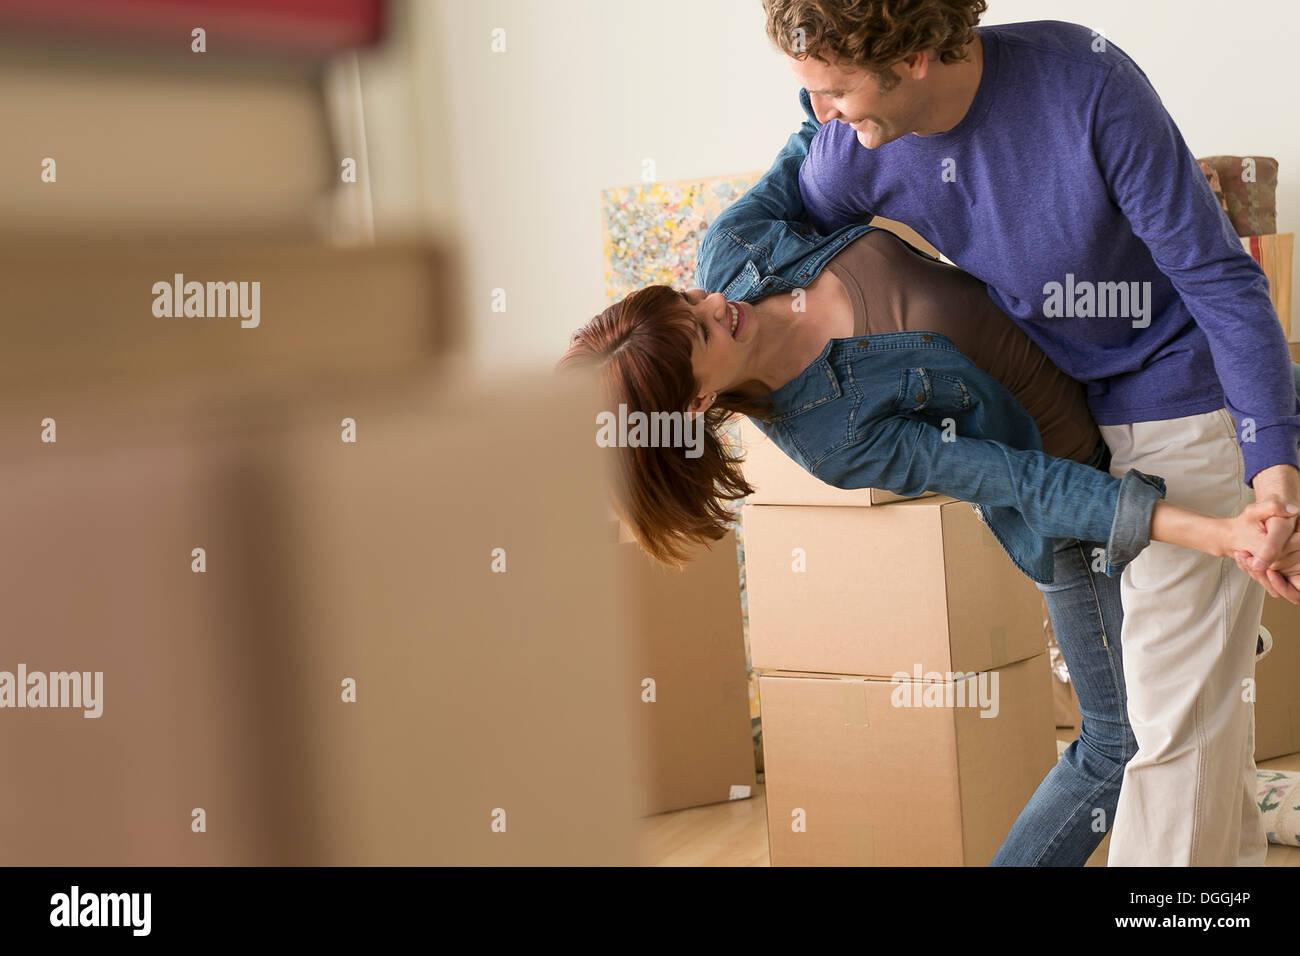 Paare tanzen zusammen, während einem Umzug Stockbild